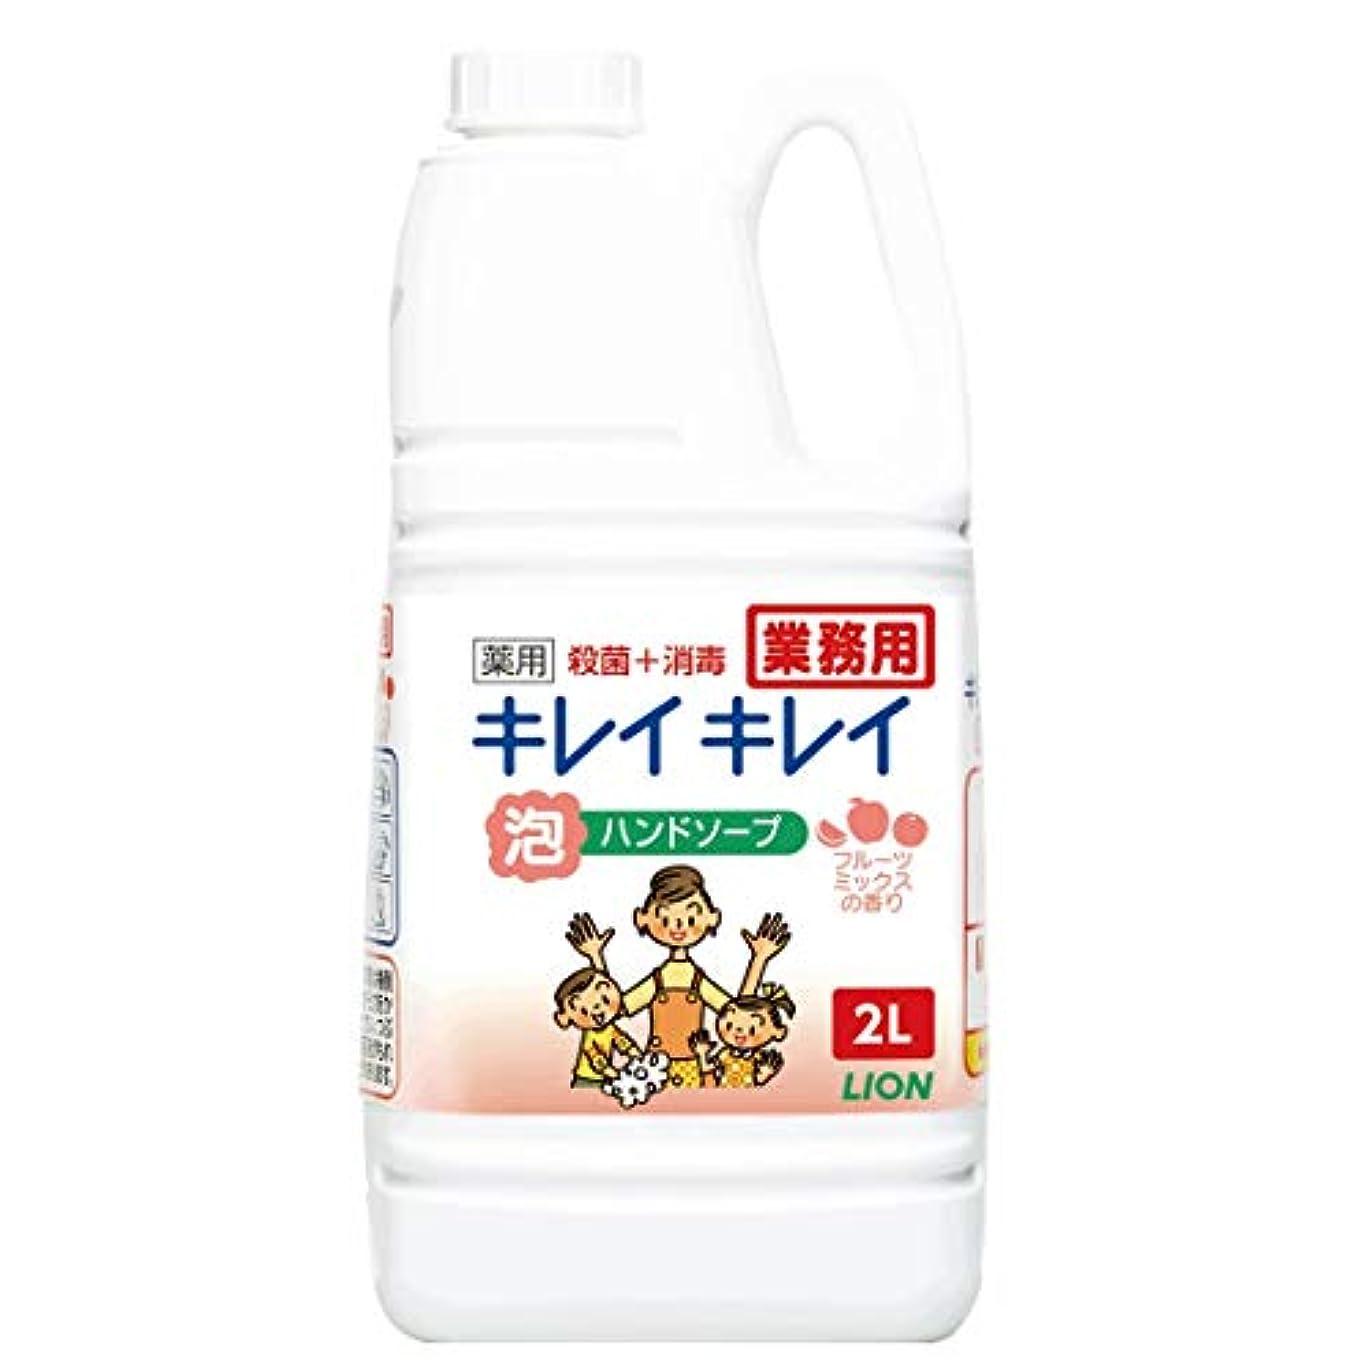 環境幸運キャスト【大容量】キレイキレイ 薬用泡ハンドソープ フルーツミックスの香り 2L